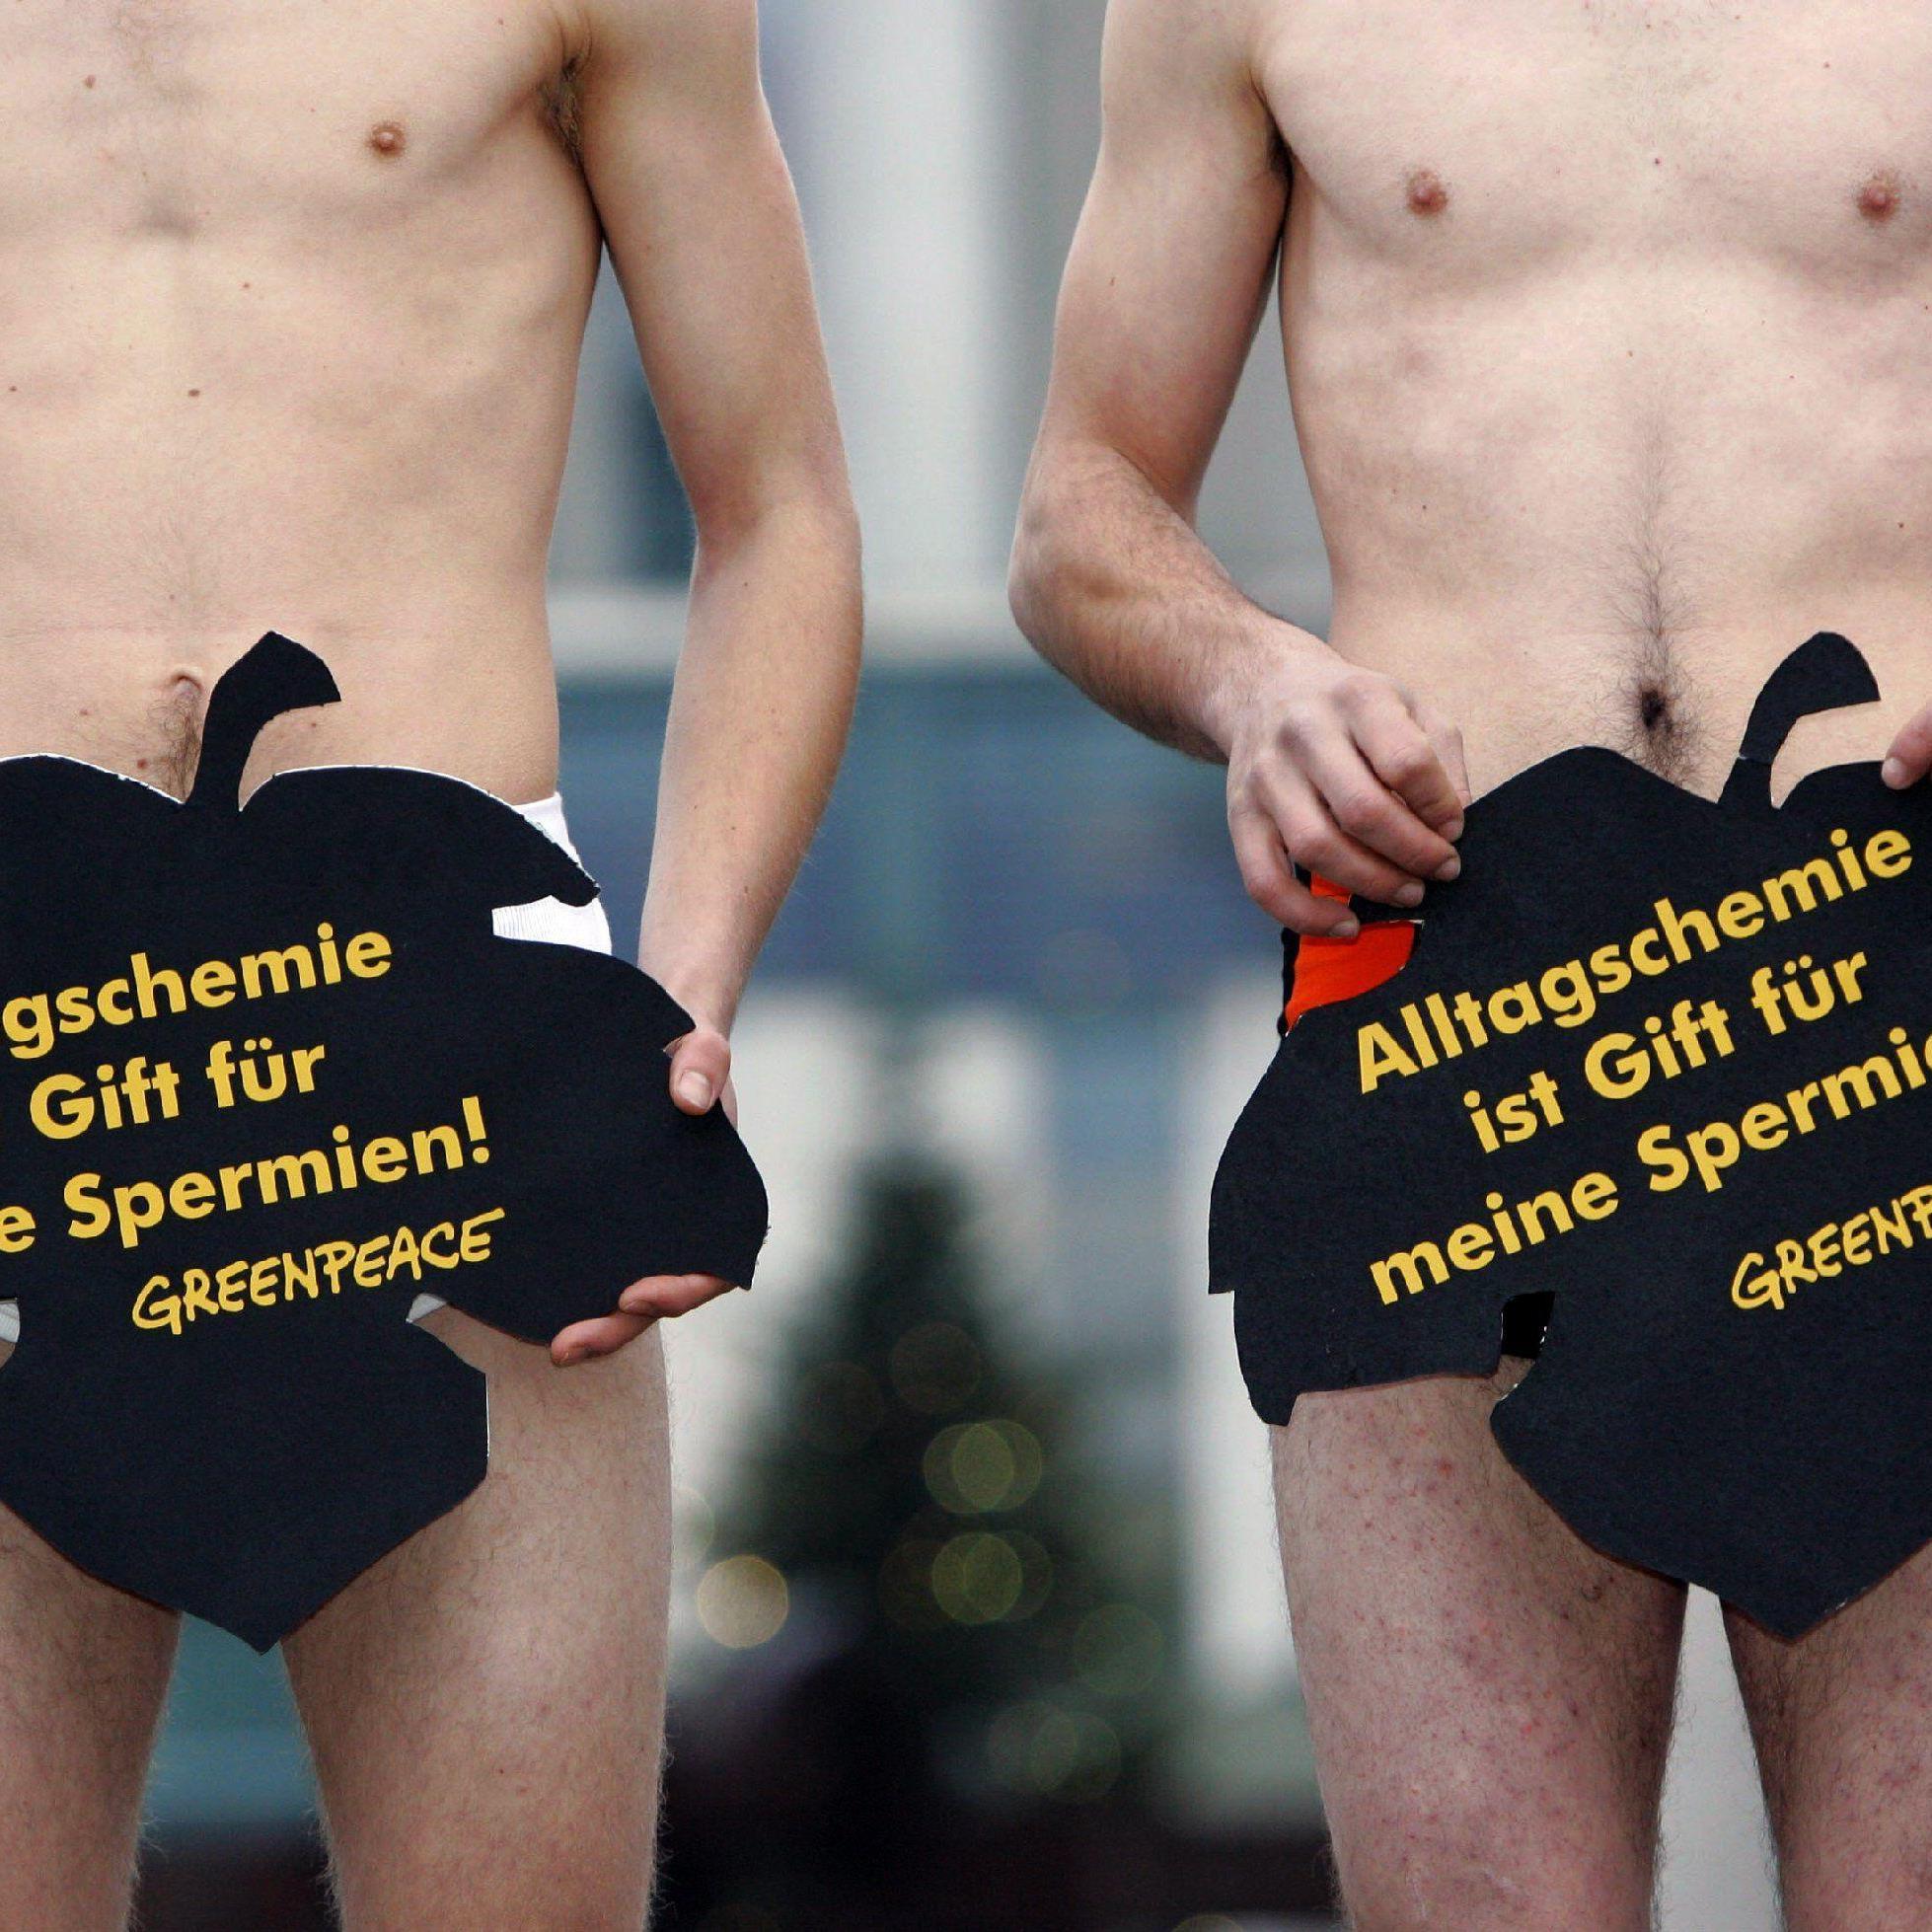 Greenpeace deckt auf, welche Firmen schädliche Chemikalien für ihre Produkte verwenden